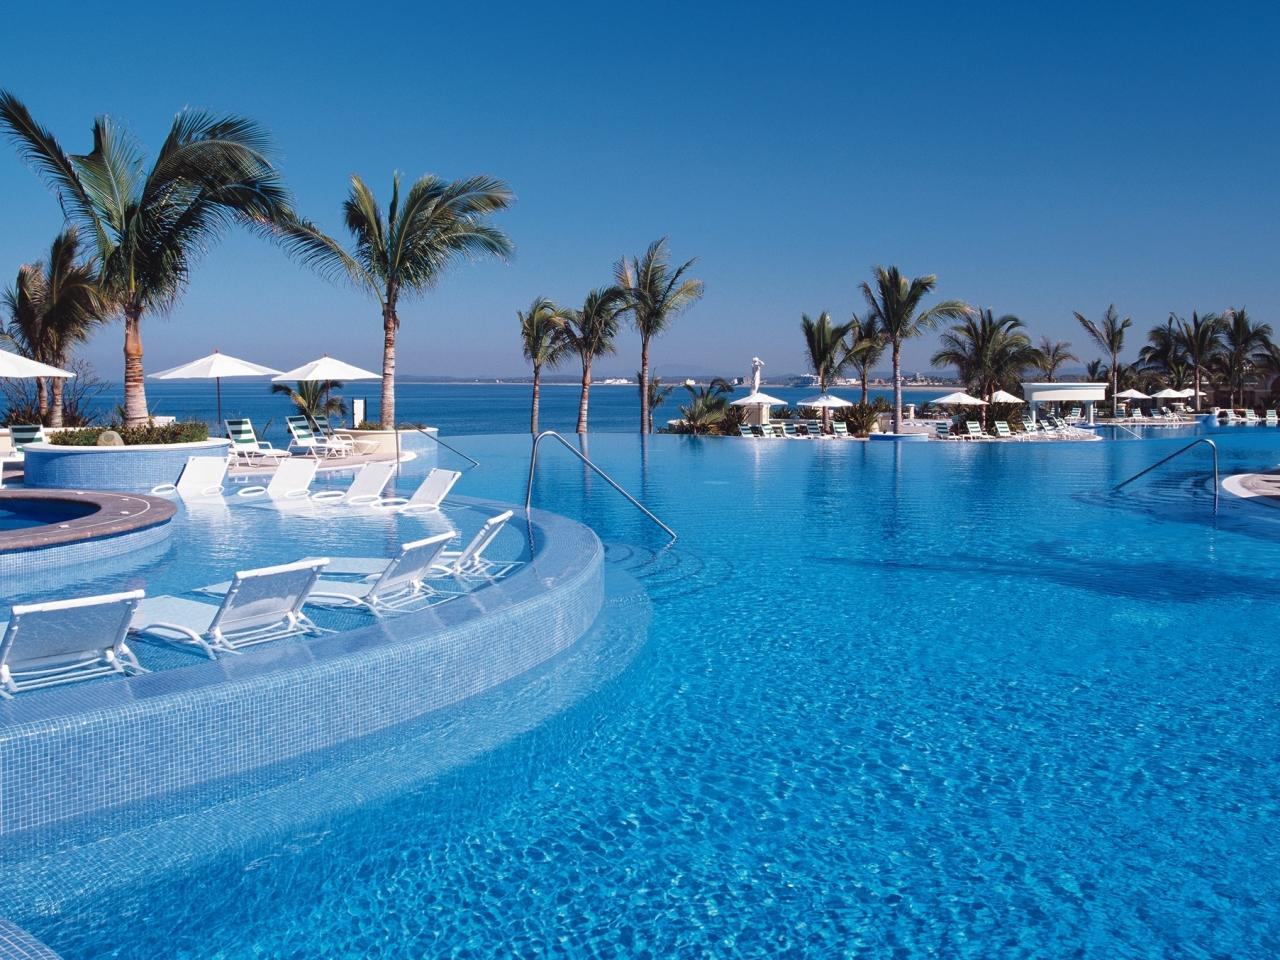 Vacaciones en un hospedaje frente al mar - 1280x960